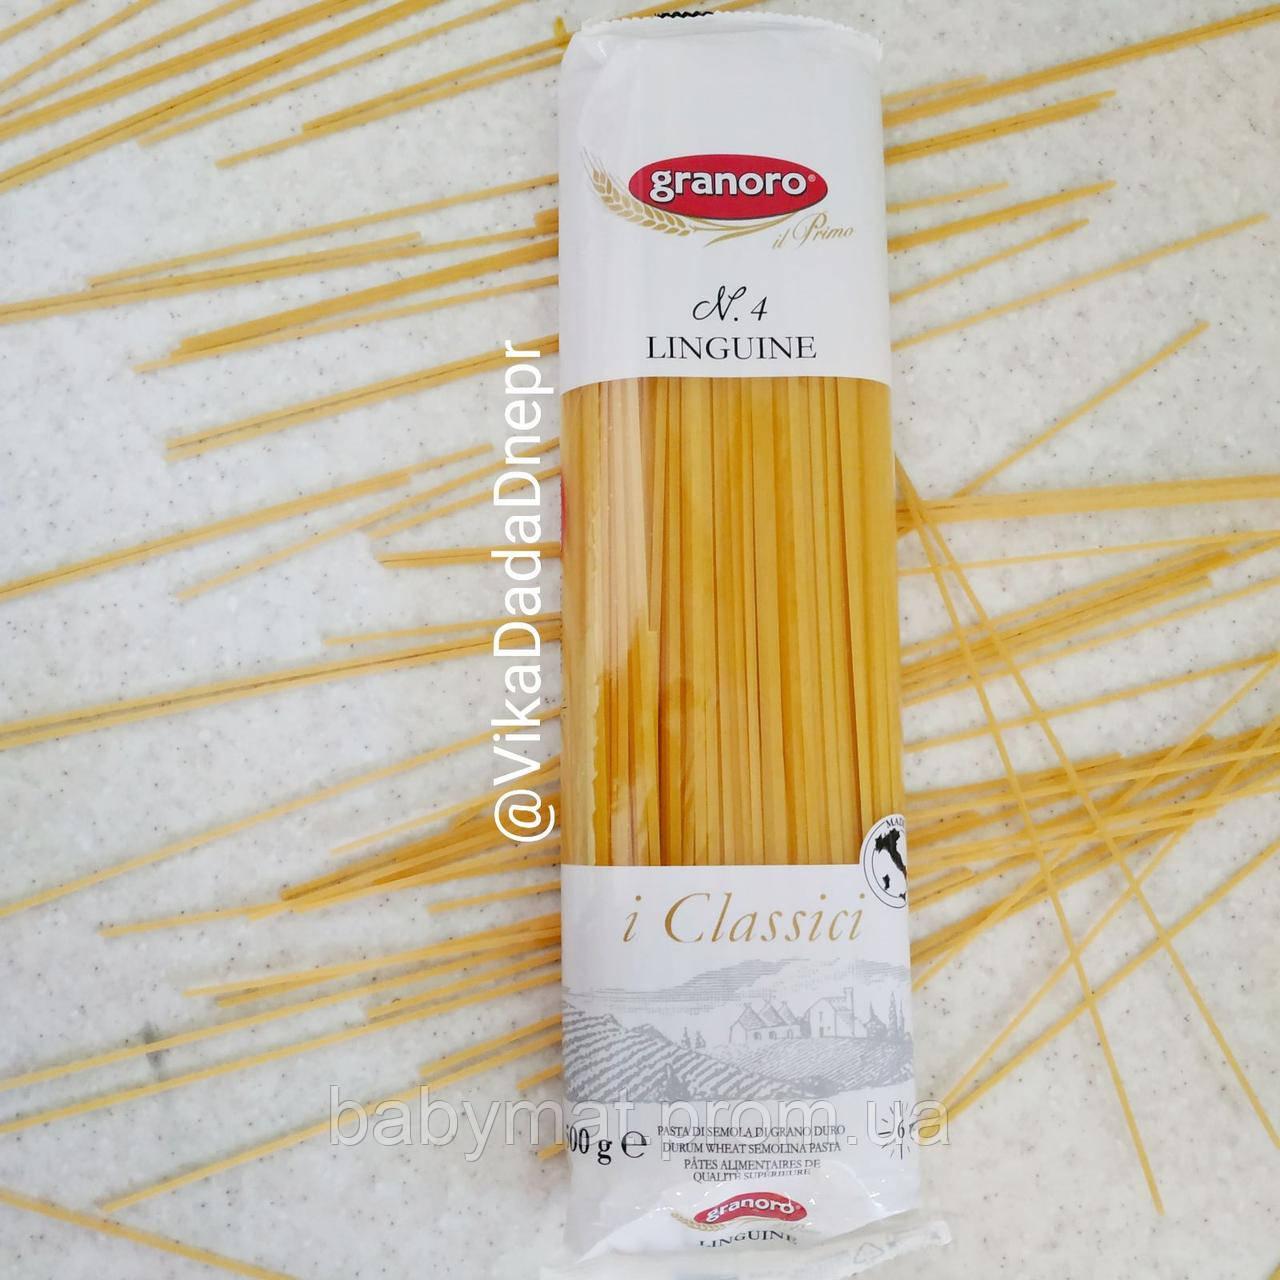 Паста твердых сортов пшеницы (дурум) GRANORO linguine № 4 (лапша тонкая) 500 гр Италия